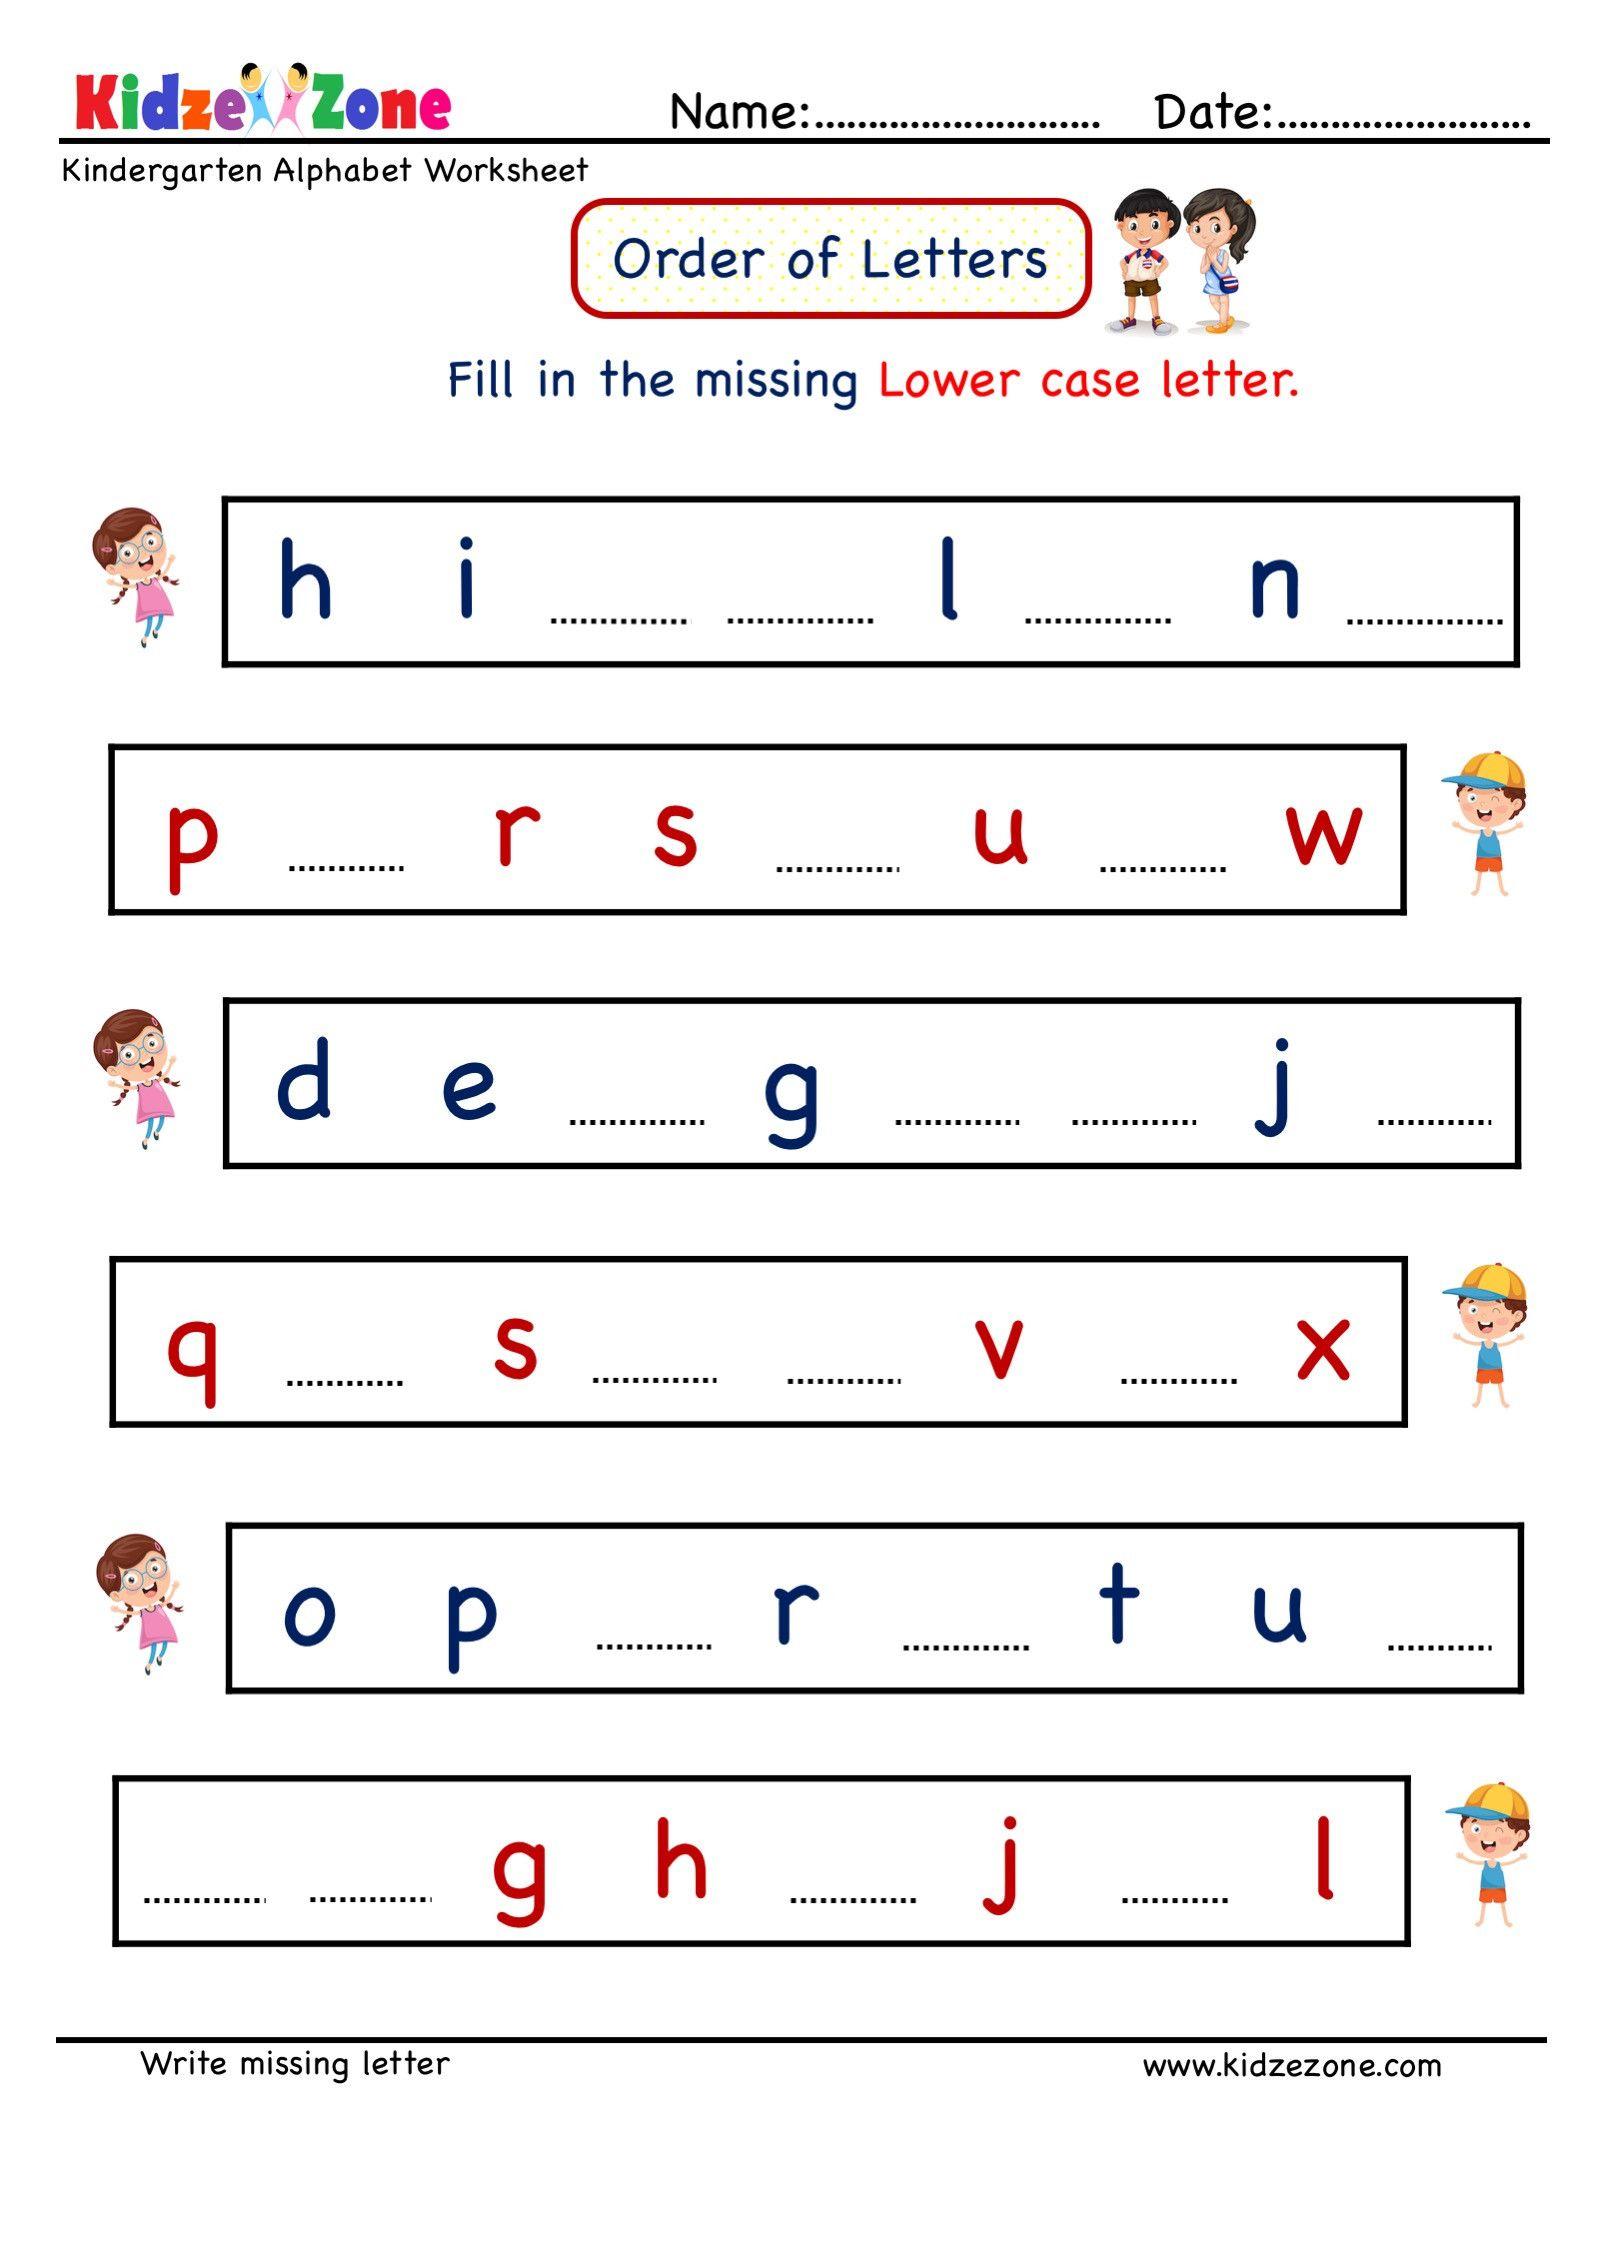 Missing Letters Worksheet For Kindergarten Kindergarten Letter Worksheets Write M Letter Worksheets Kindergarten Alphabet Letter Worksheets Alphabet Worksheets [ 2249 x 1606 Pixel ]